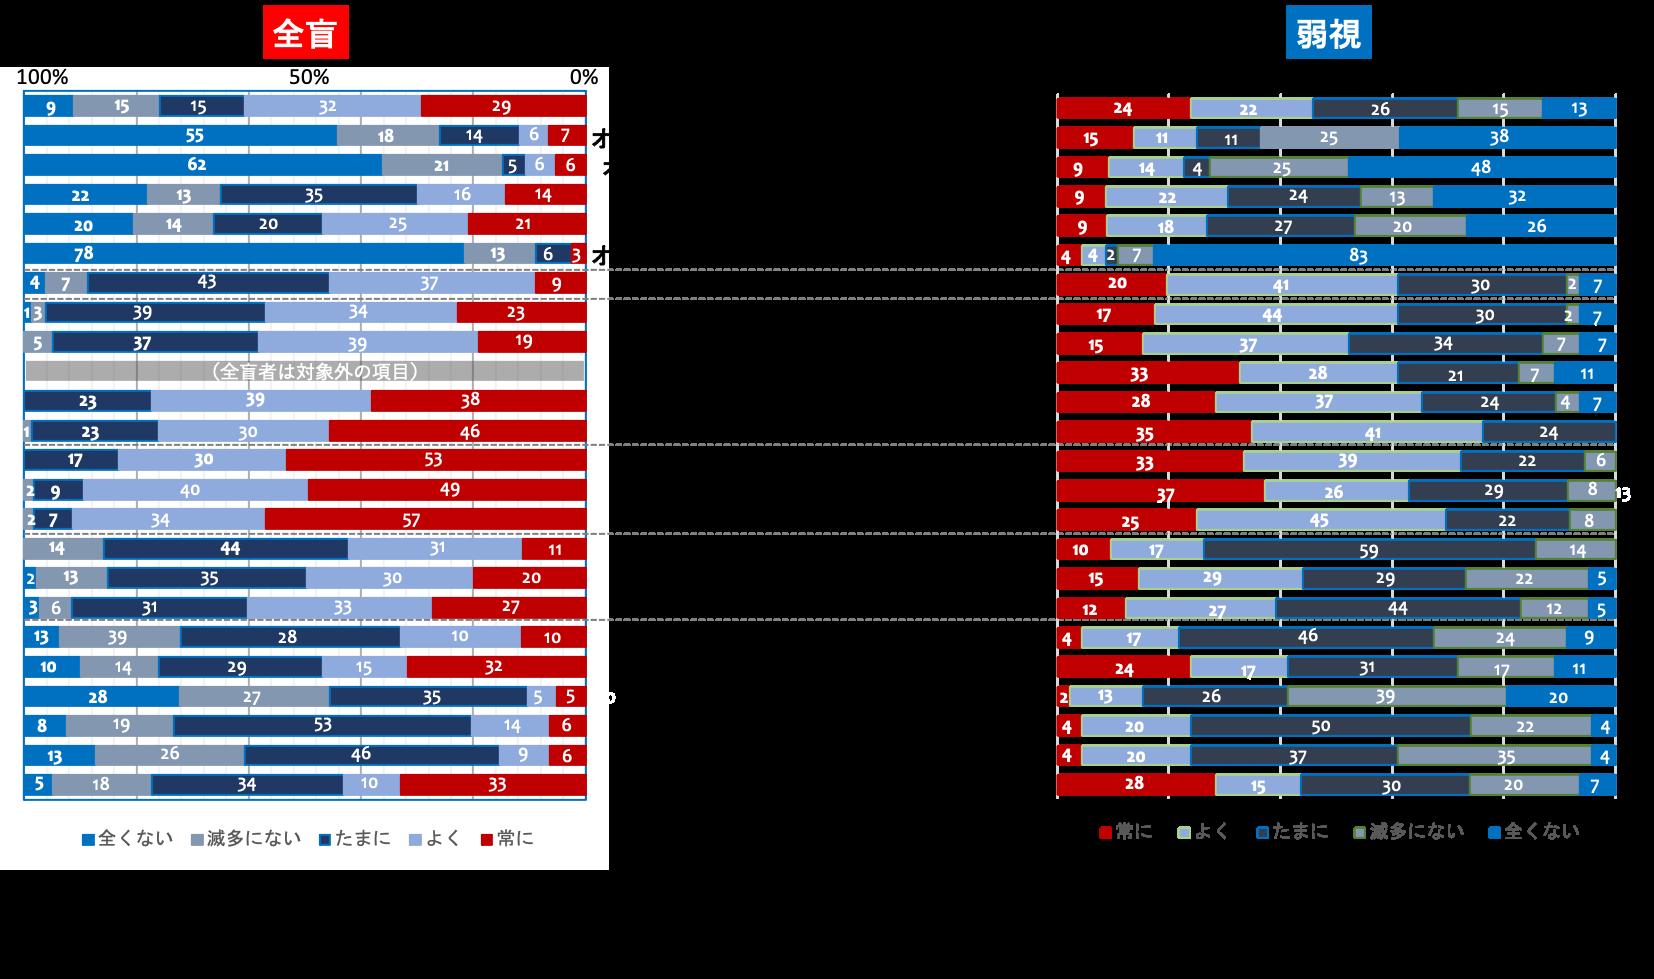 オンラインショッピングの利用時に使用しているデバイスと、利用時に遭遇している困難についての結果のグラフ。PCやタブレットなどの利用頻度に加え、商品の画像が見にくいかどうか、洋服のサイズ、形状などがわかりにくいかどうか、などについて調査した結果を比率で表している。左側が全盲者、右側が弱視者で、内側から外側に向かって、「常に」「よく」「たまに」「滅多にない」「全くない」の順になっている。例えば、「洋服のデザインや柄がわかりにくい」という項目では、全盲者の50%以上が「常にある」と回答しており、「常にある」と「よくある」とを合わせると90%を超える。他方、「購入方法がわかりにくい」という項目については、「常にある」と「よくある」を合わせても20%程度である。